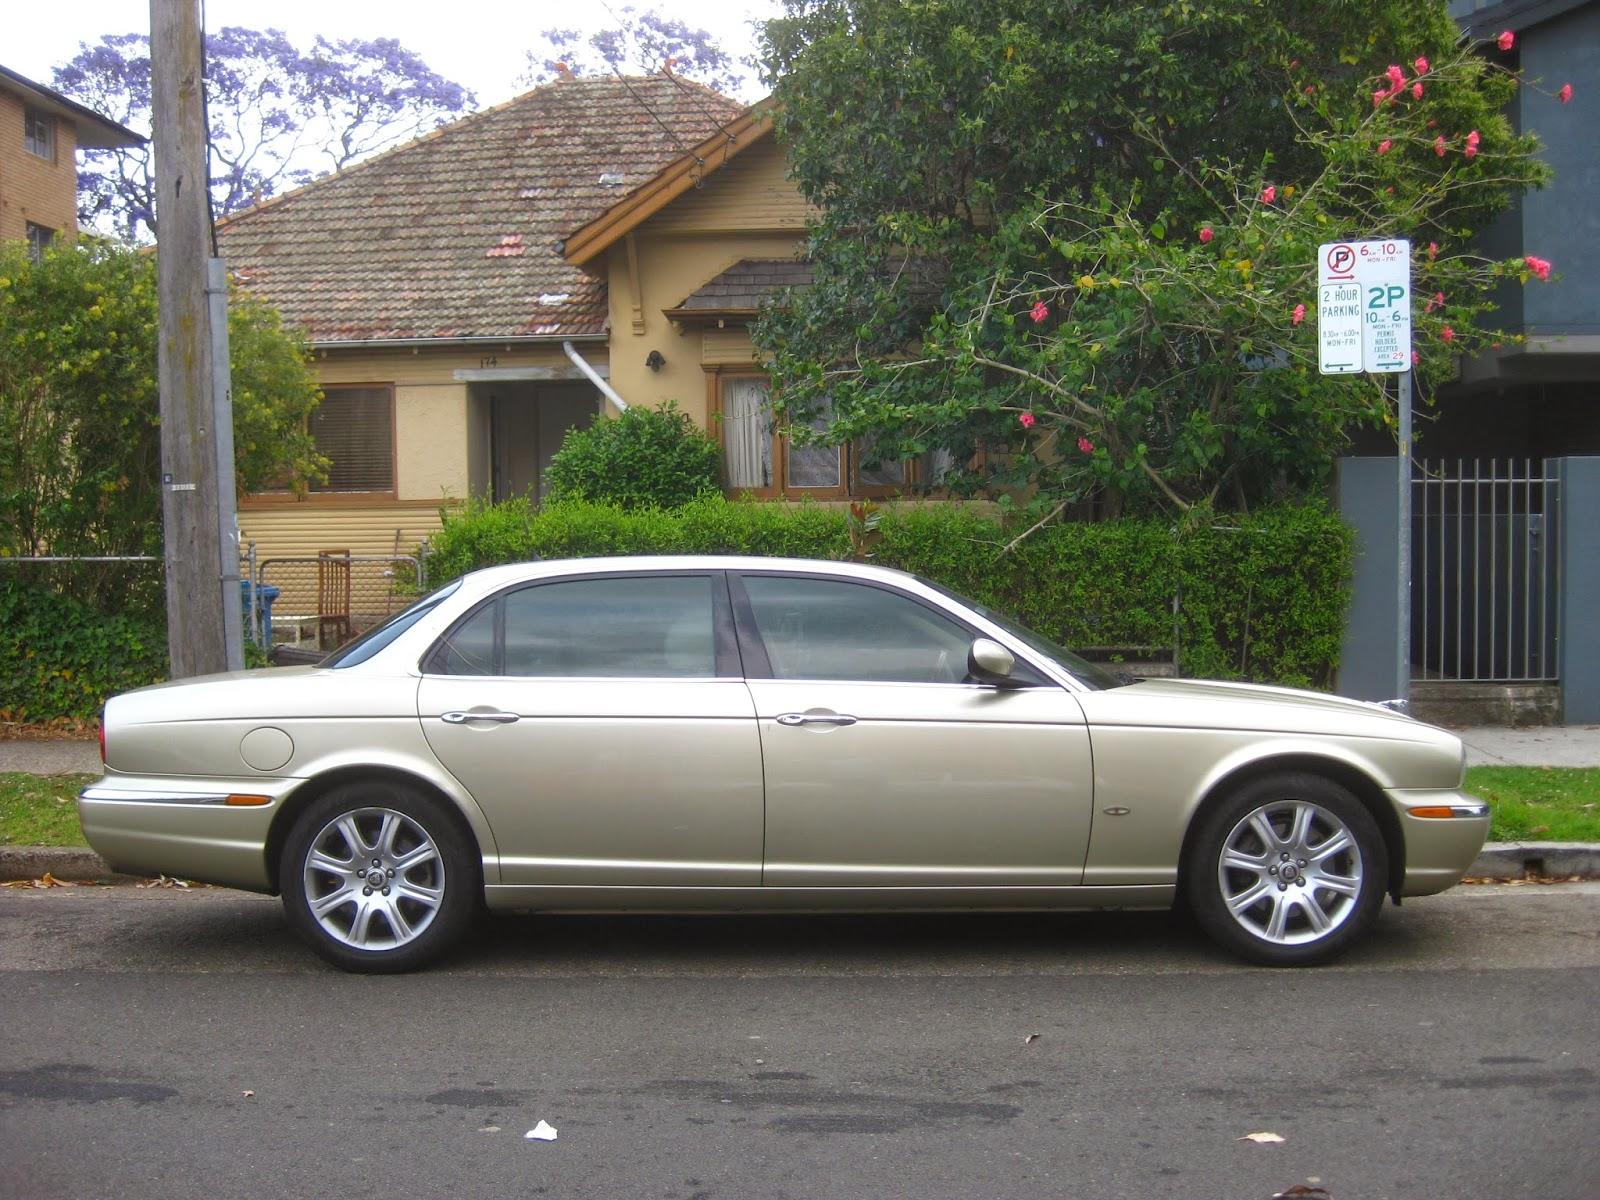 Aussie Old Parked Cars: 2005 Jaguar XJ8L (X350)